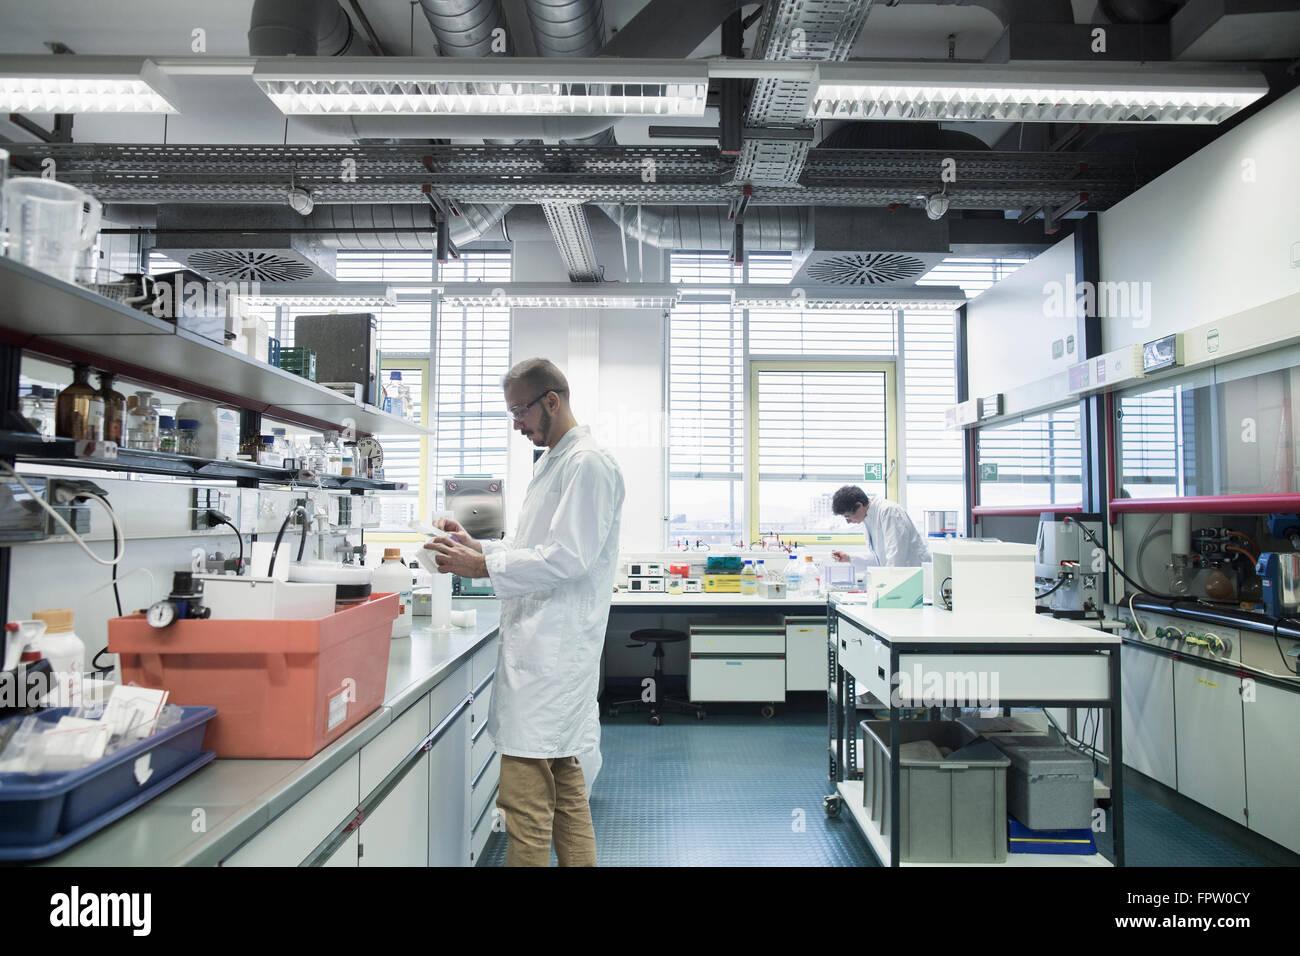 Male scientists working in a pharmacy laboratory, Freiburg Im Breisgau, Baden-Württemberg, Germany - Stock Image